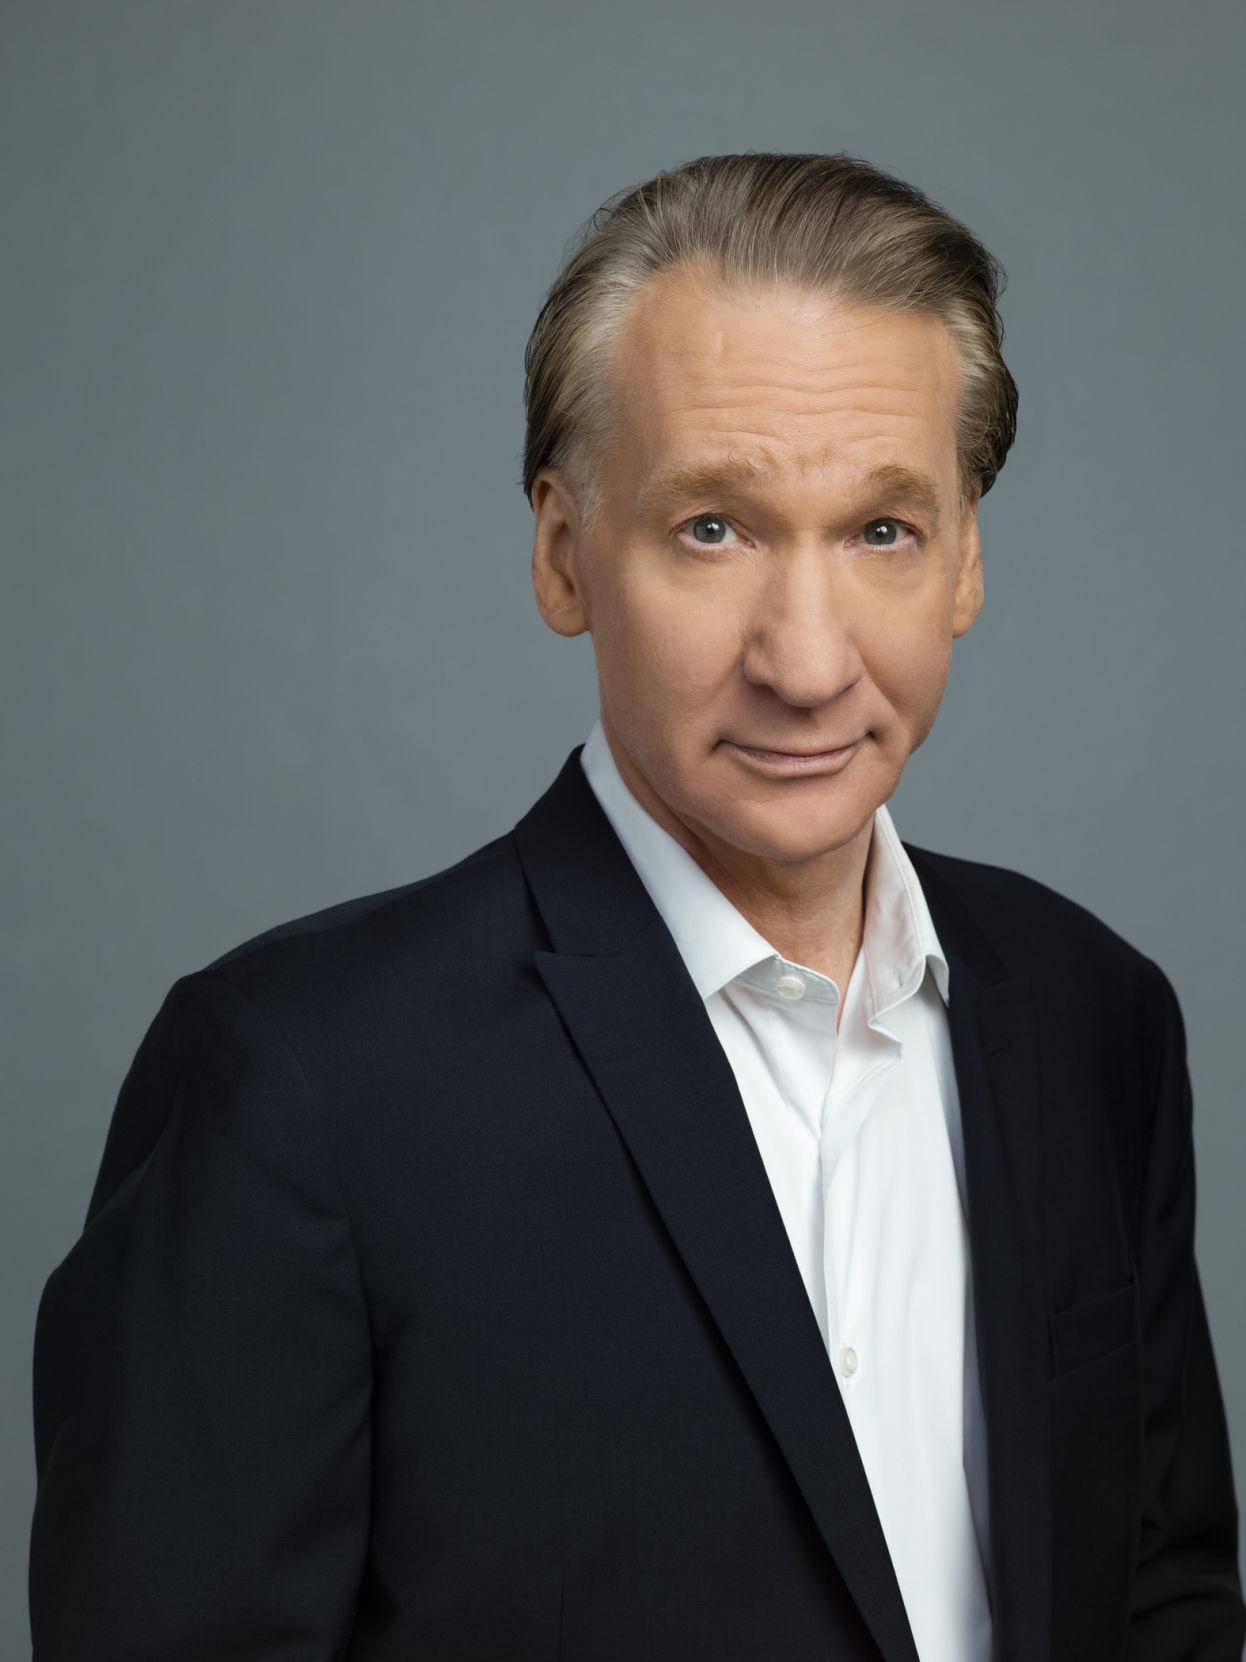 Bill maehr